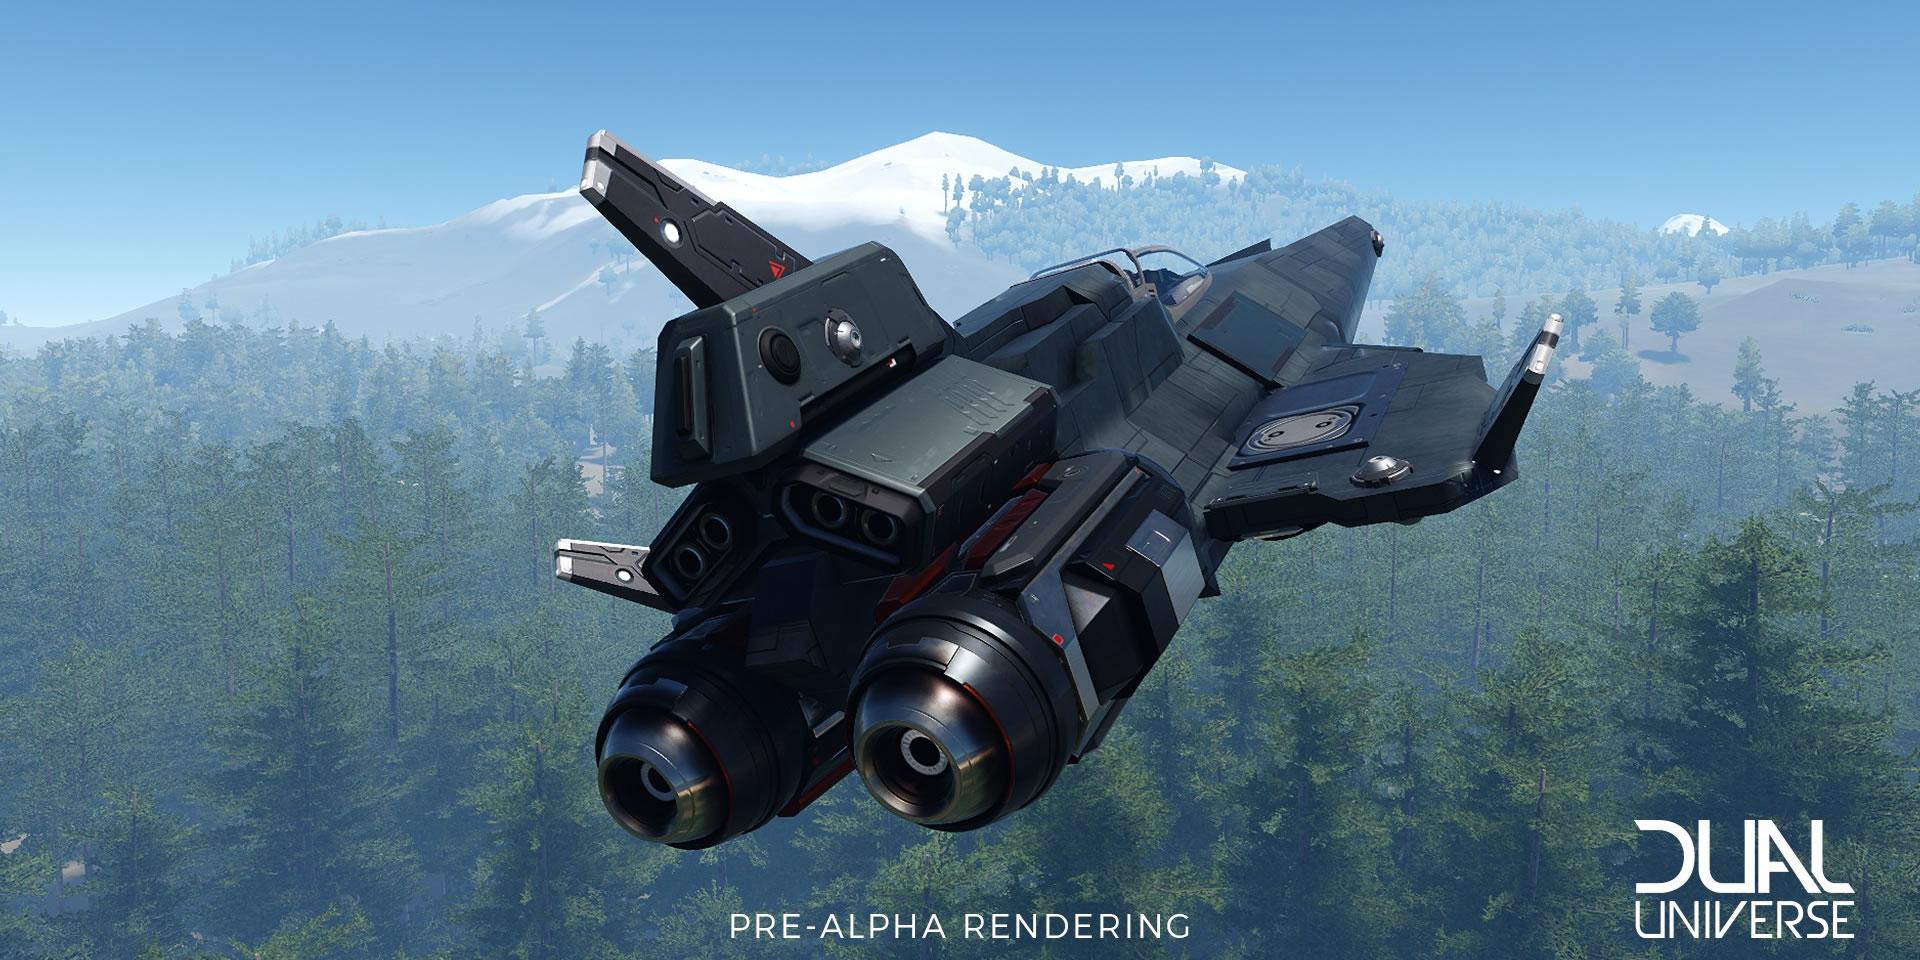 Dual Universe: Июньский DevBlog о пилотировании и переделке игровых механик